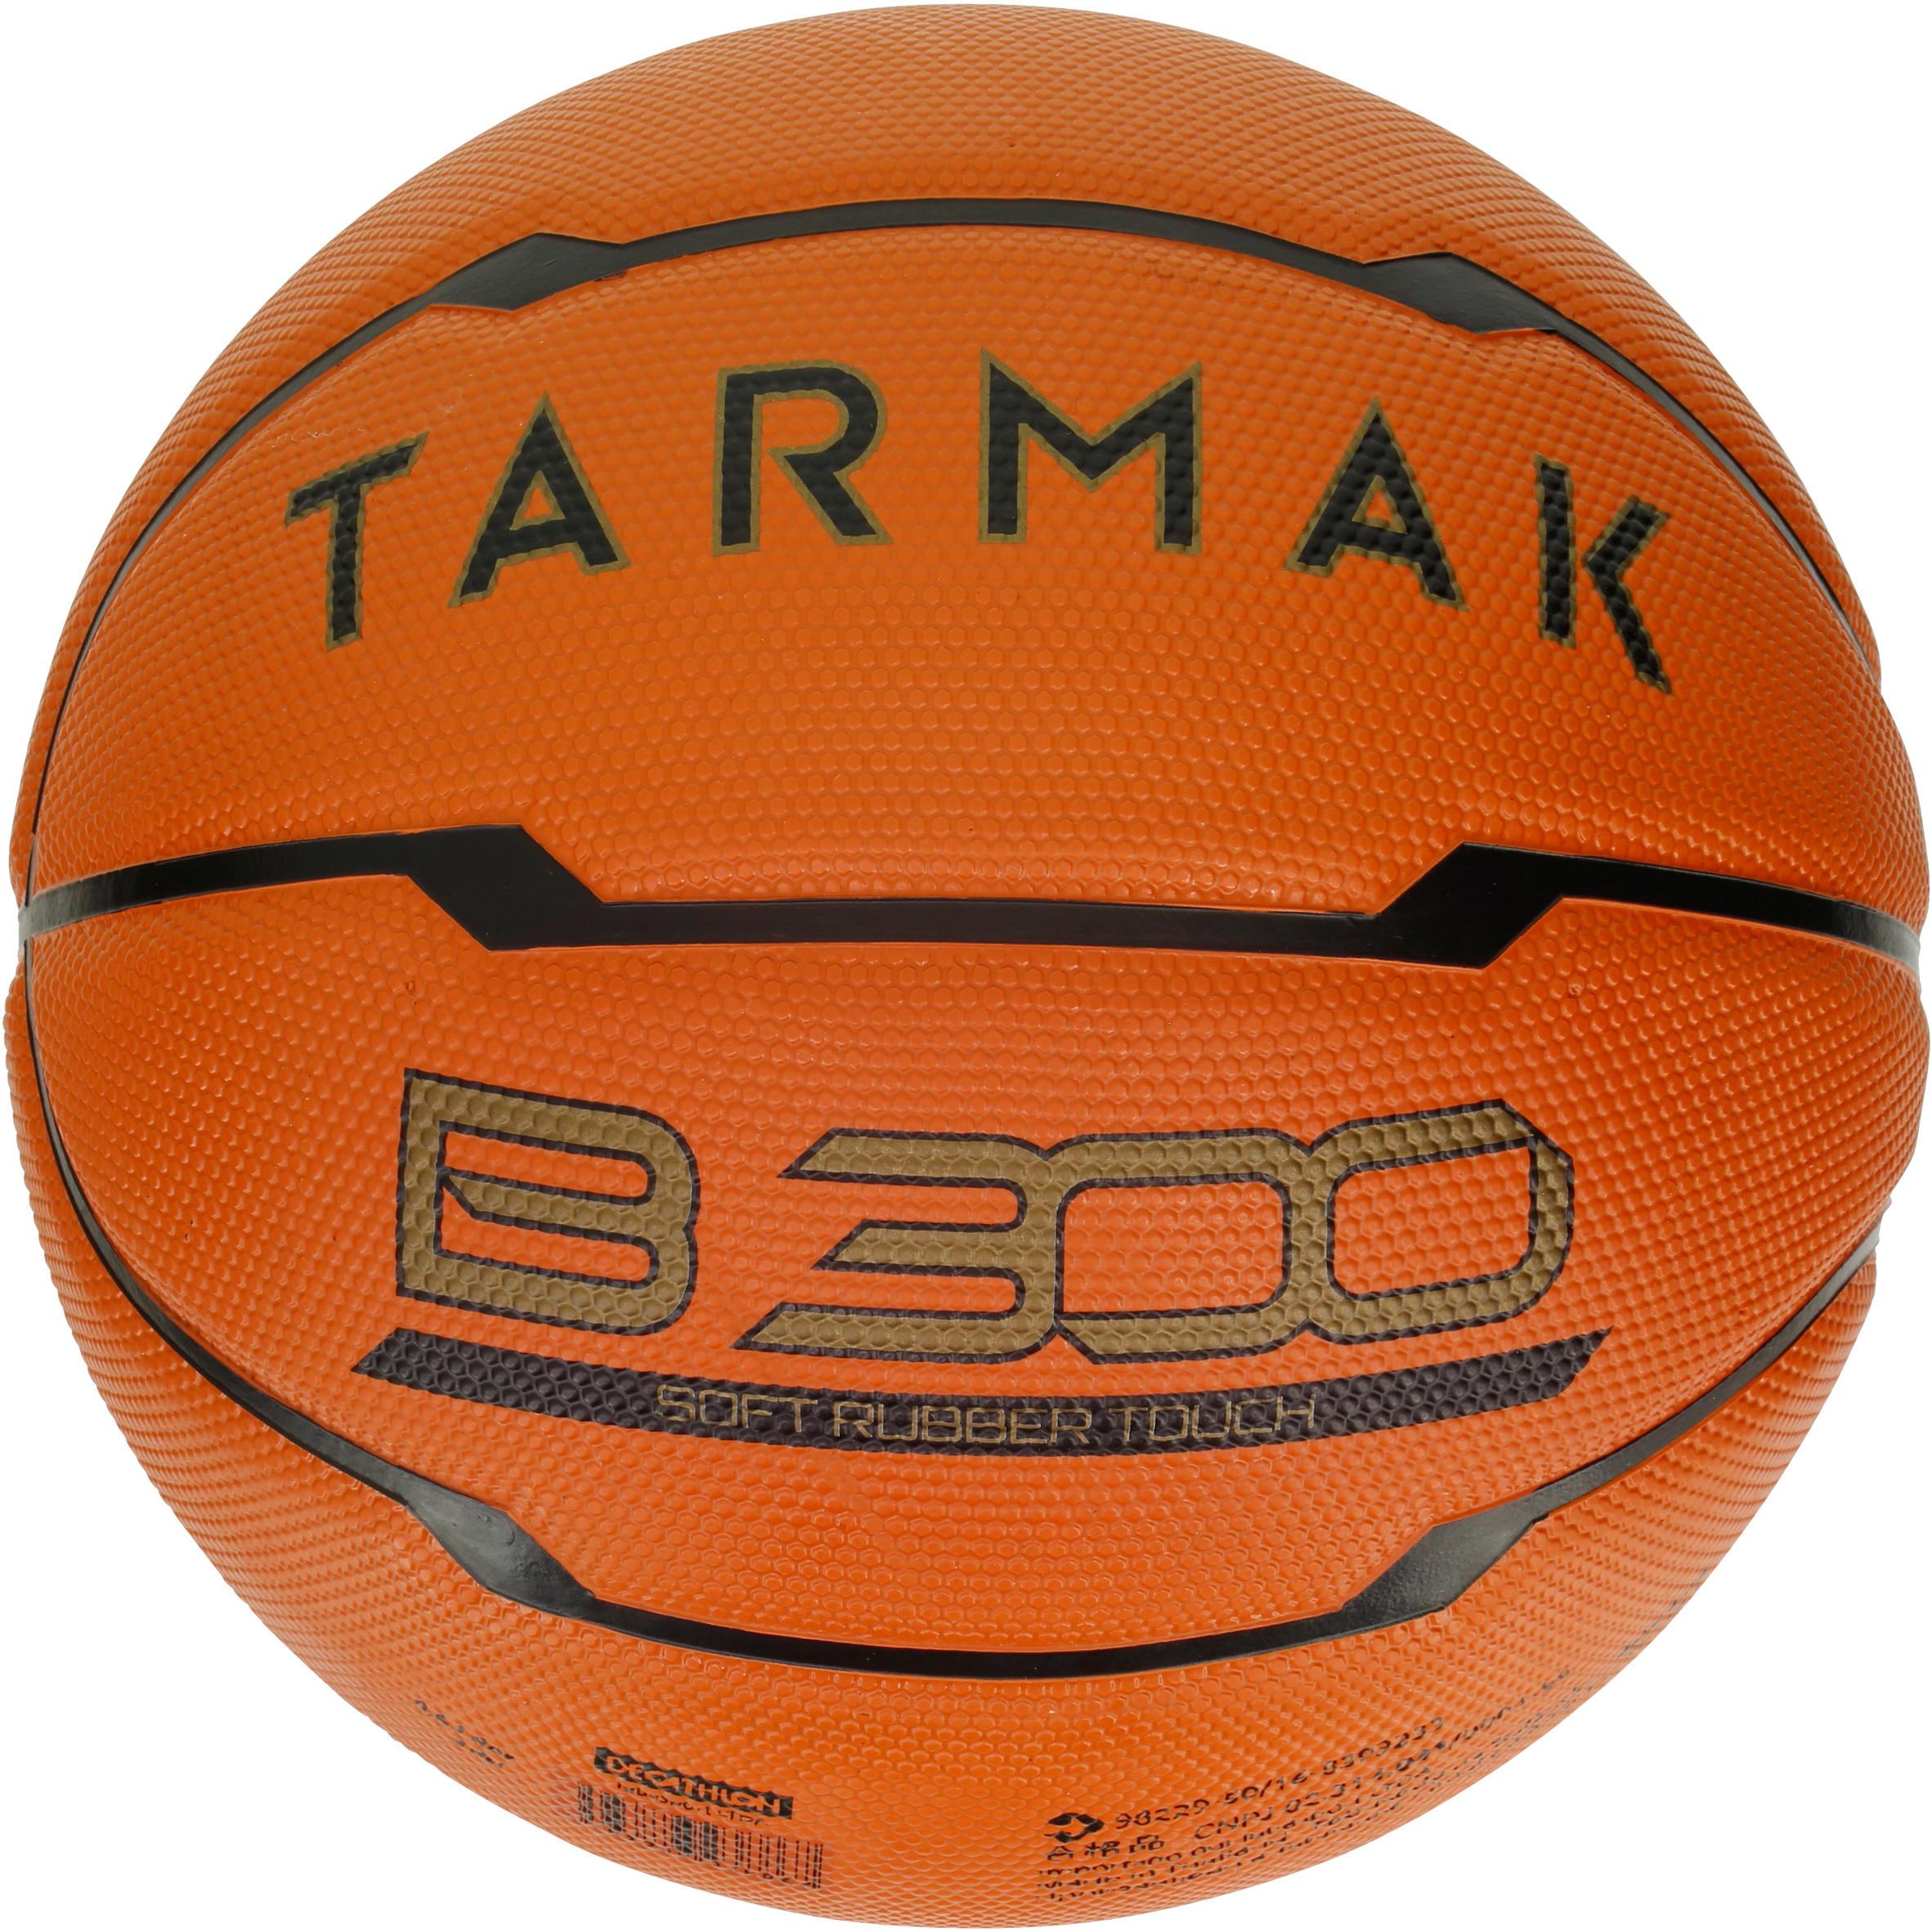 Tarmak Basketbal heren B300 maat 7 oranje Voor beginners. Vanaf 12 jaar.